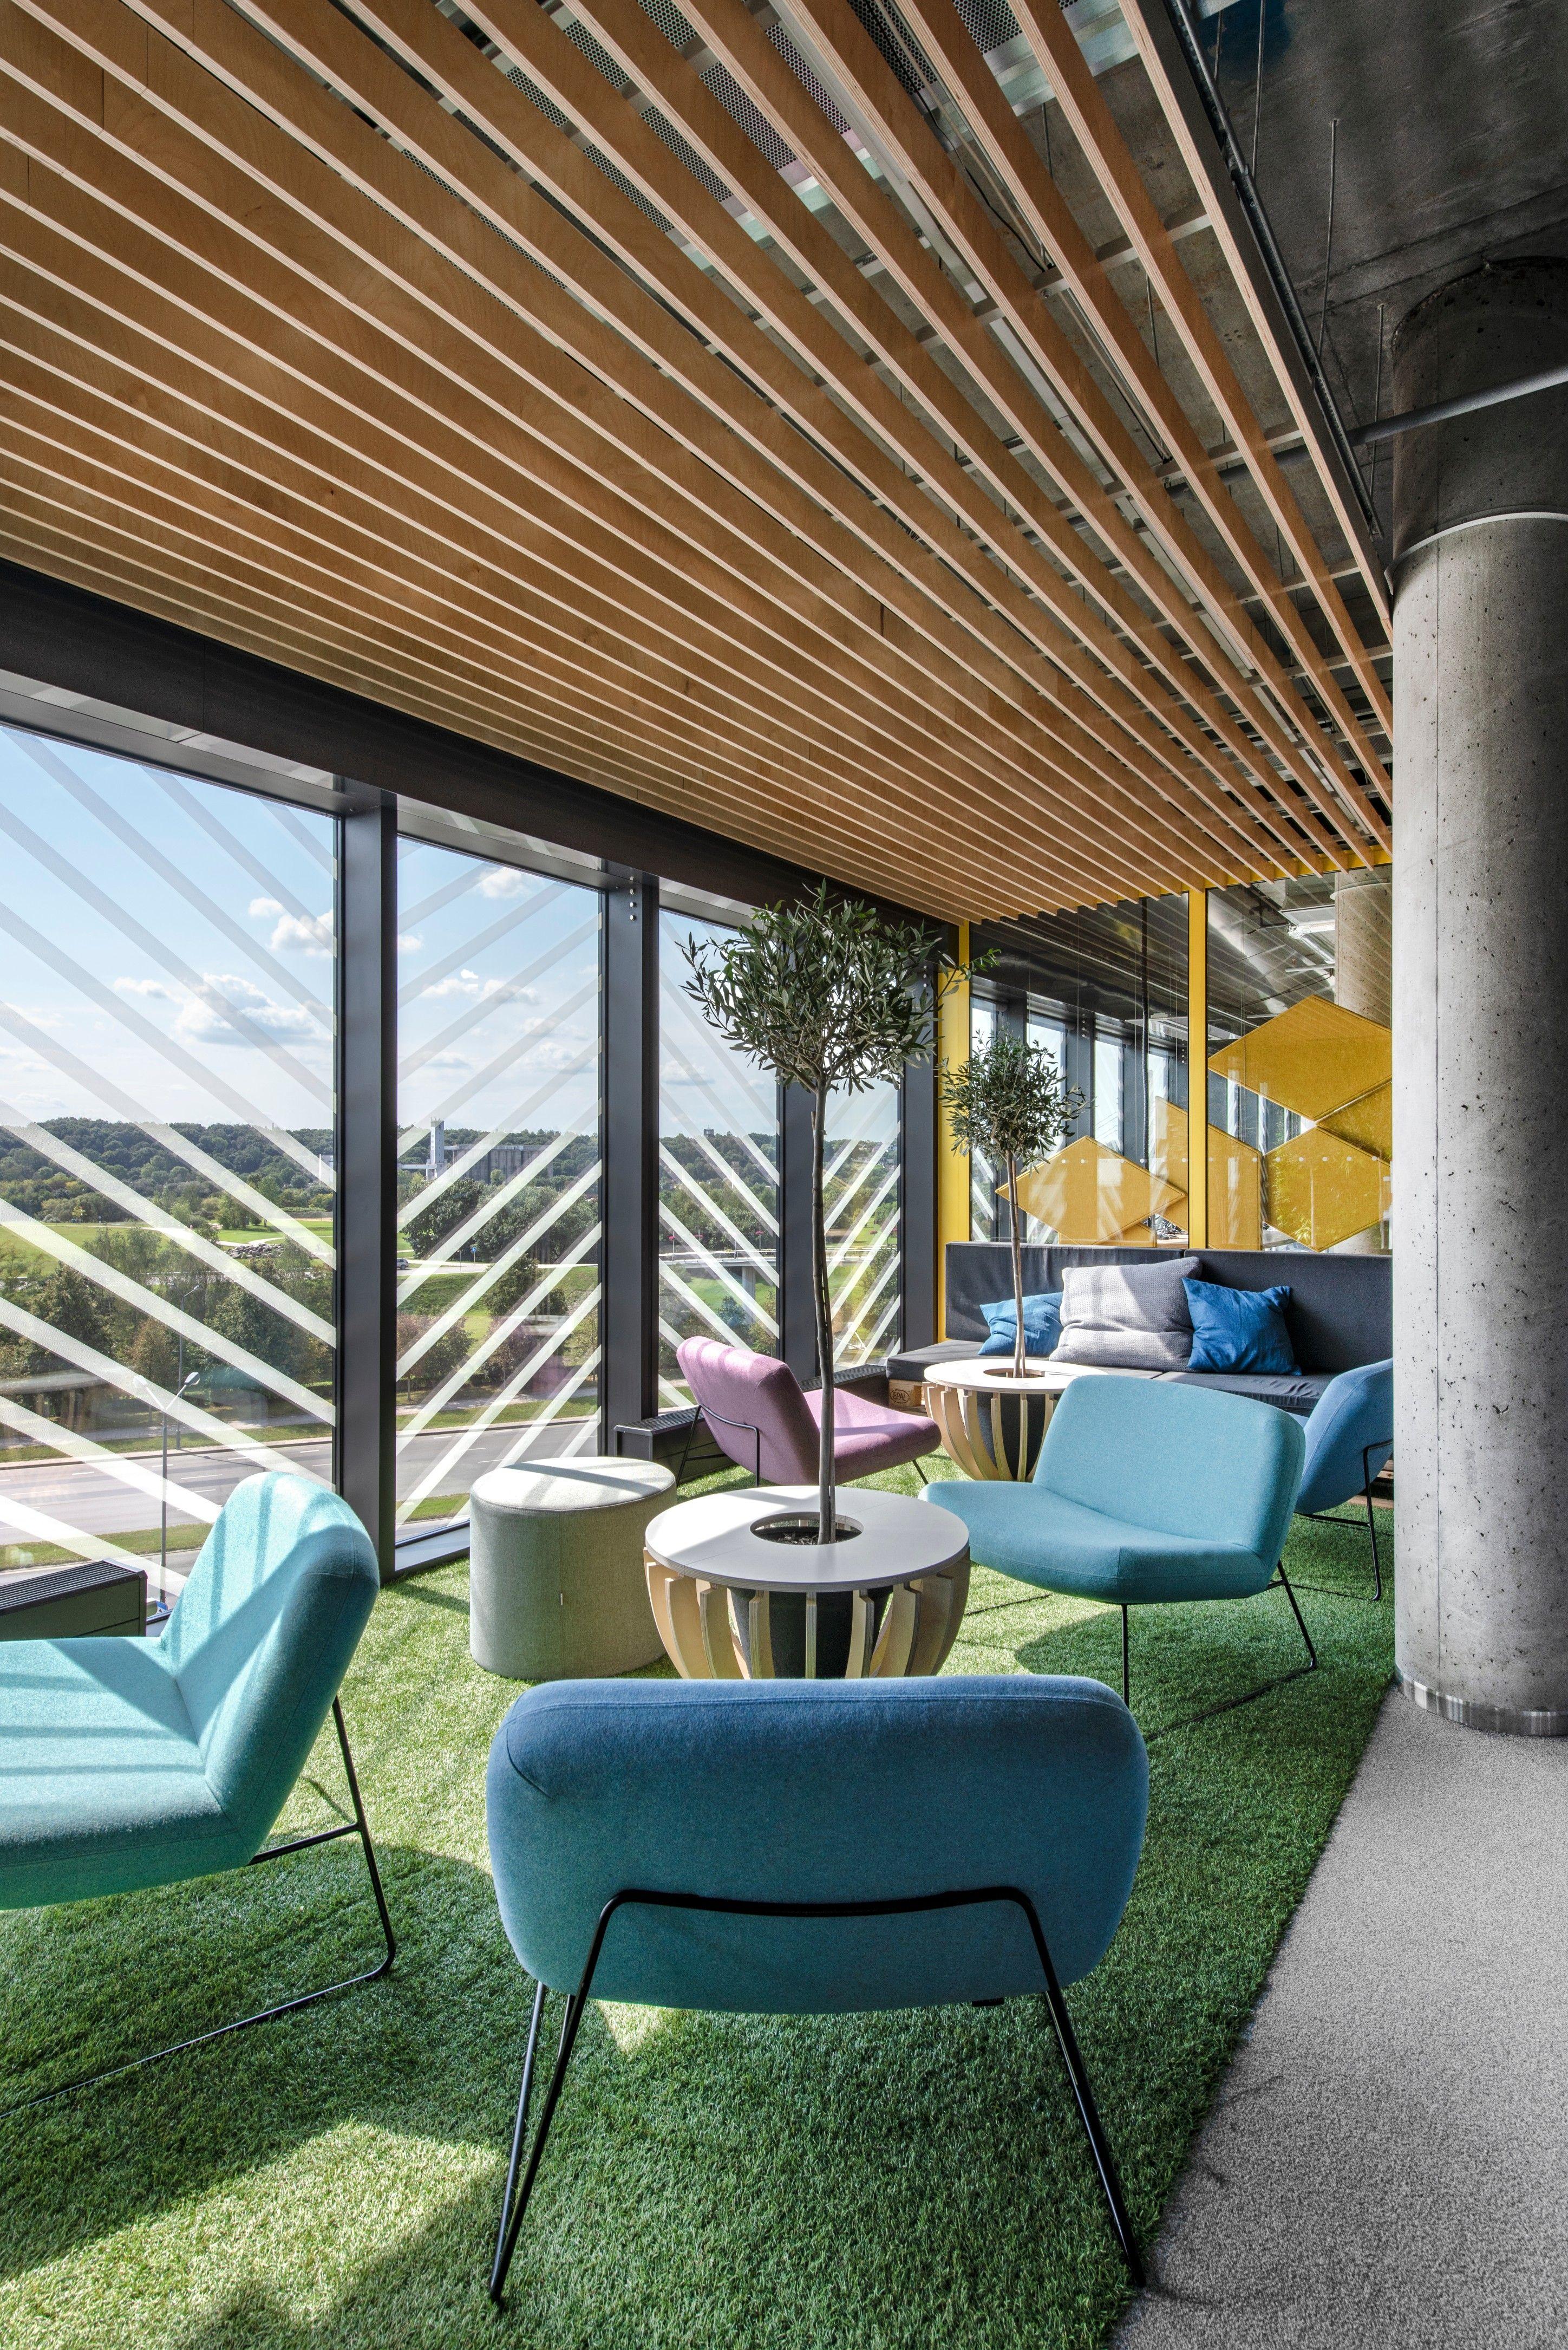 Office interior ideas nonstandard office interior ideas in